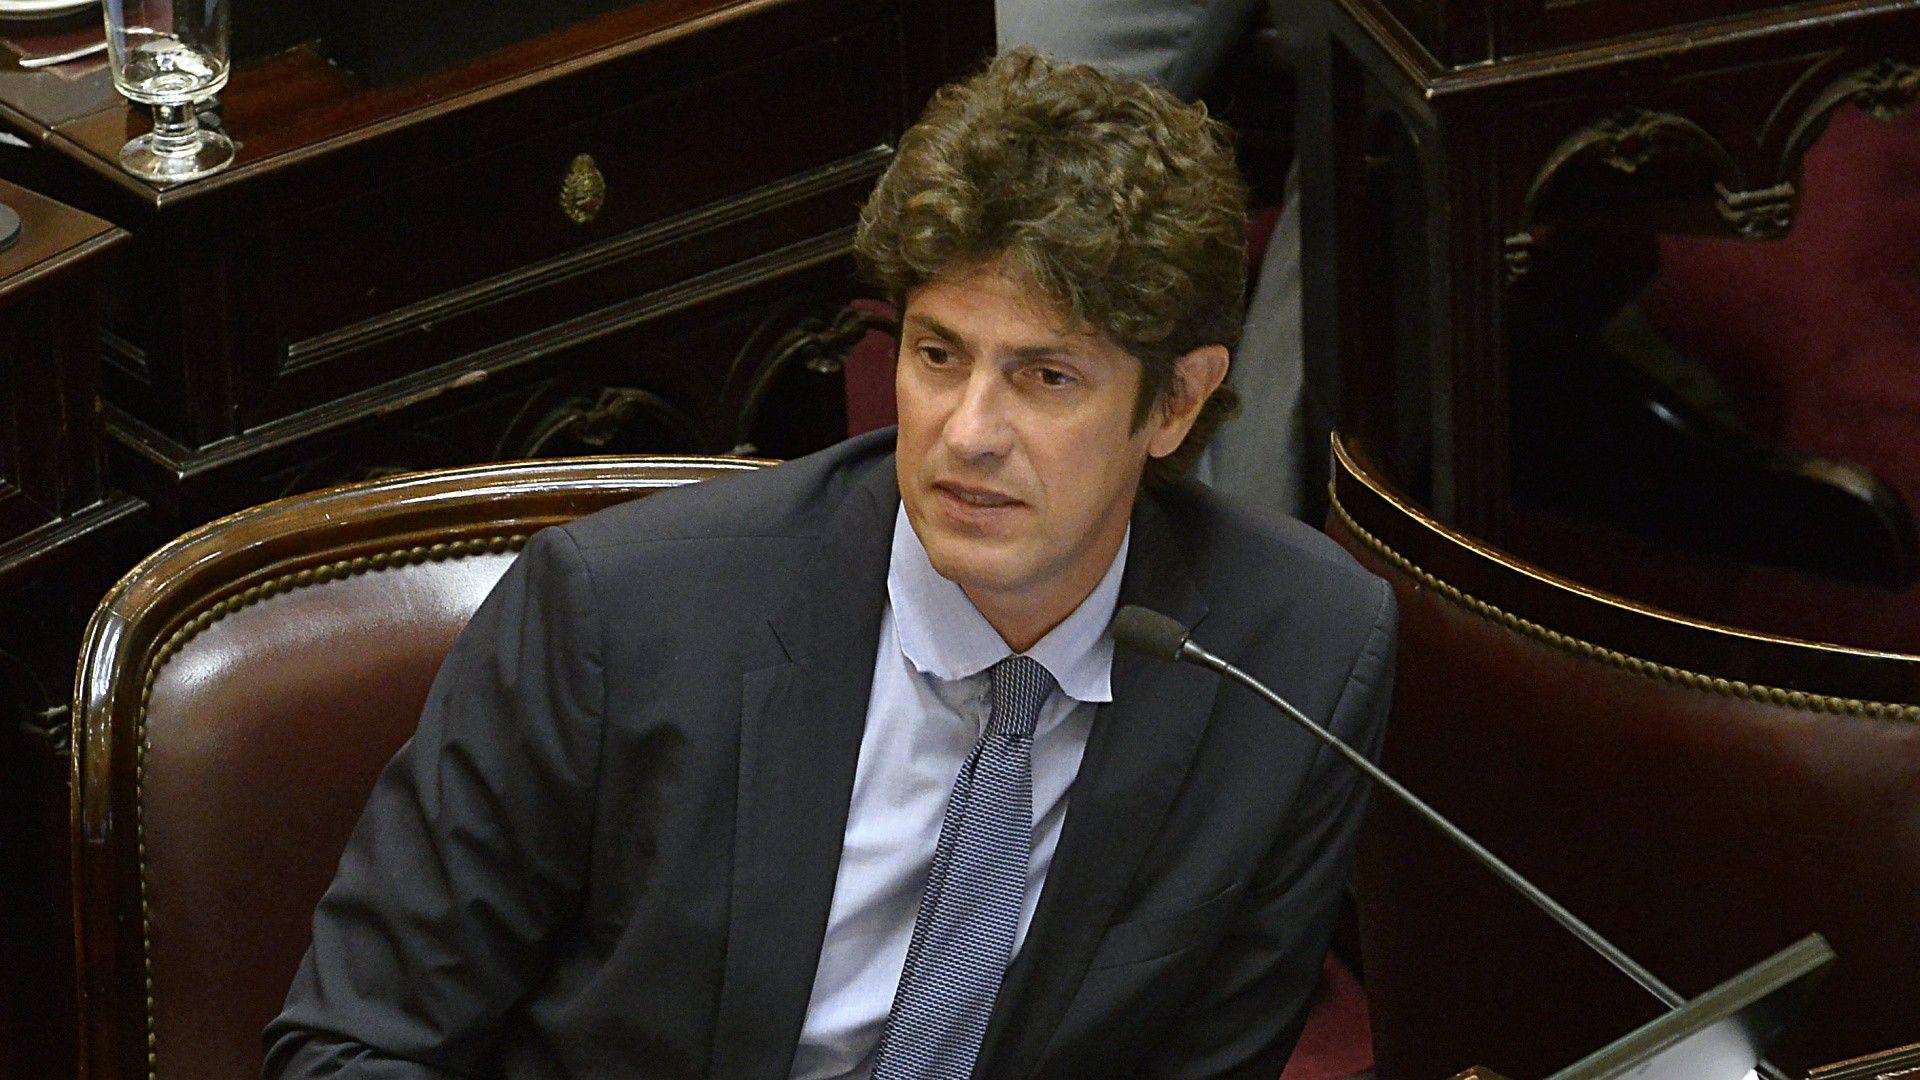 El senador del interbloque de Juntos por el Cambio, Martín Lousteau. (Gustavo Gavotti)